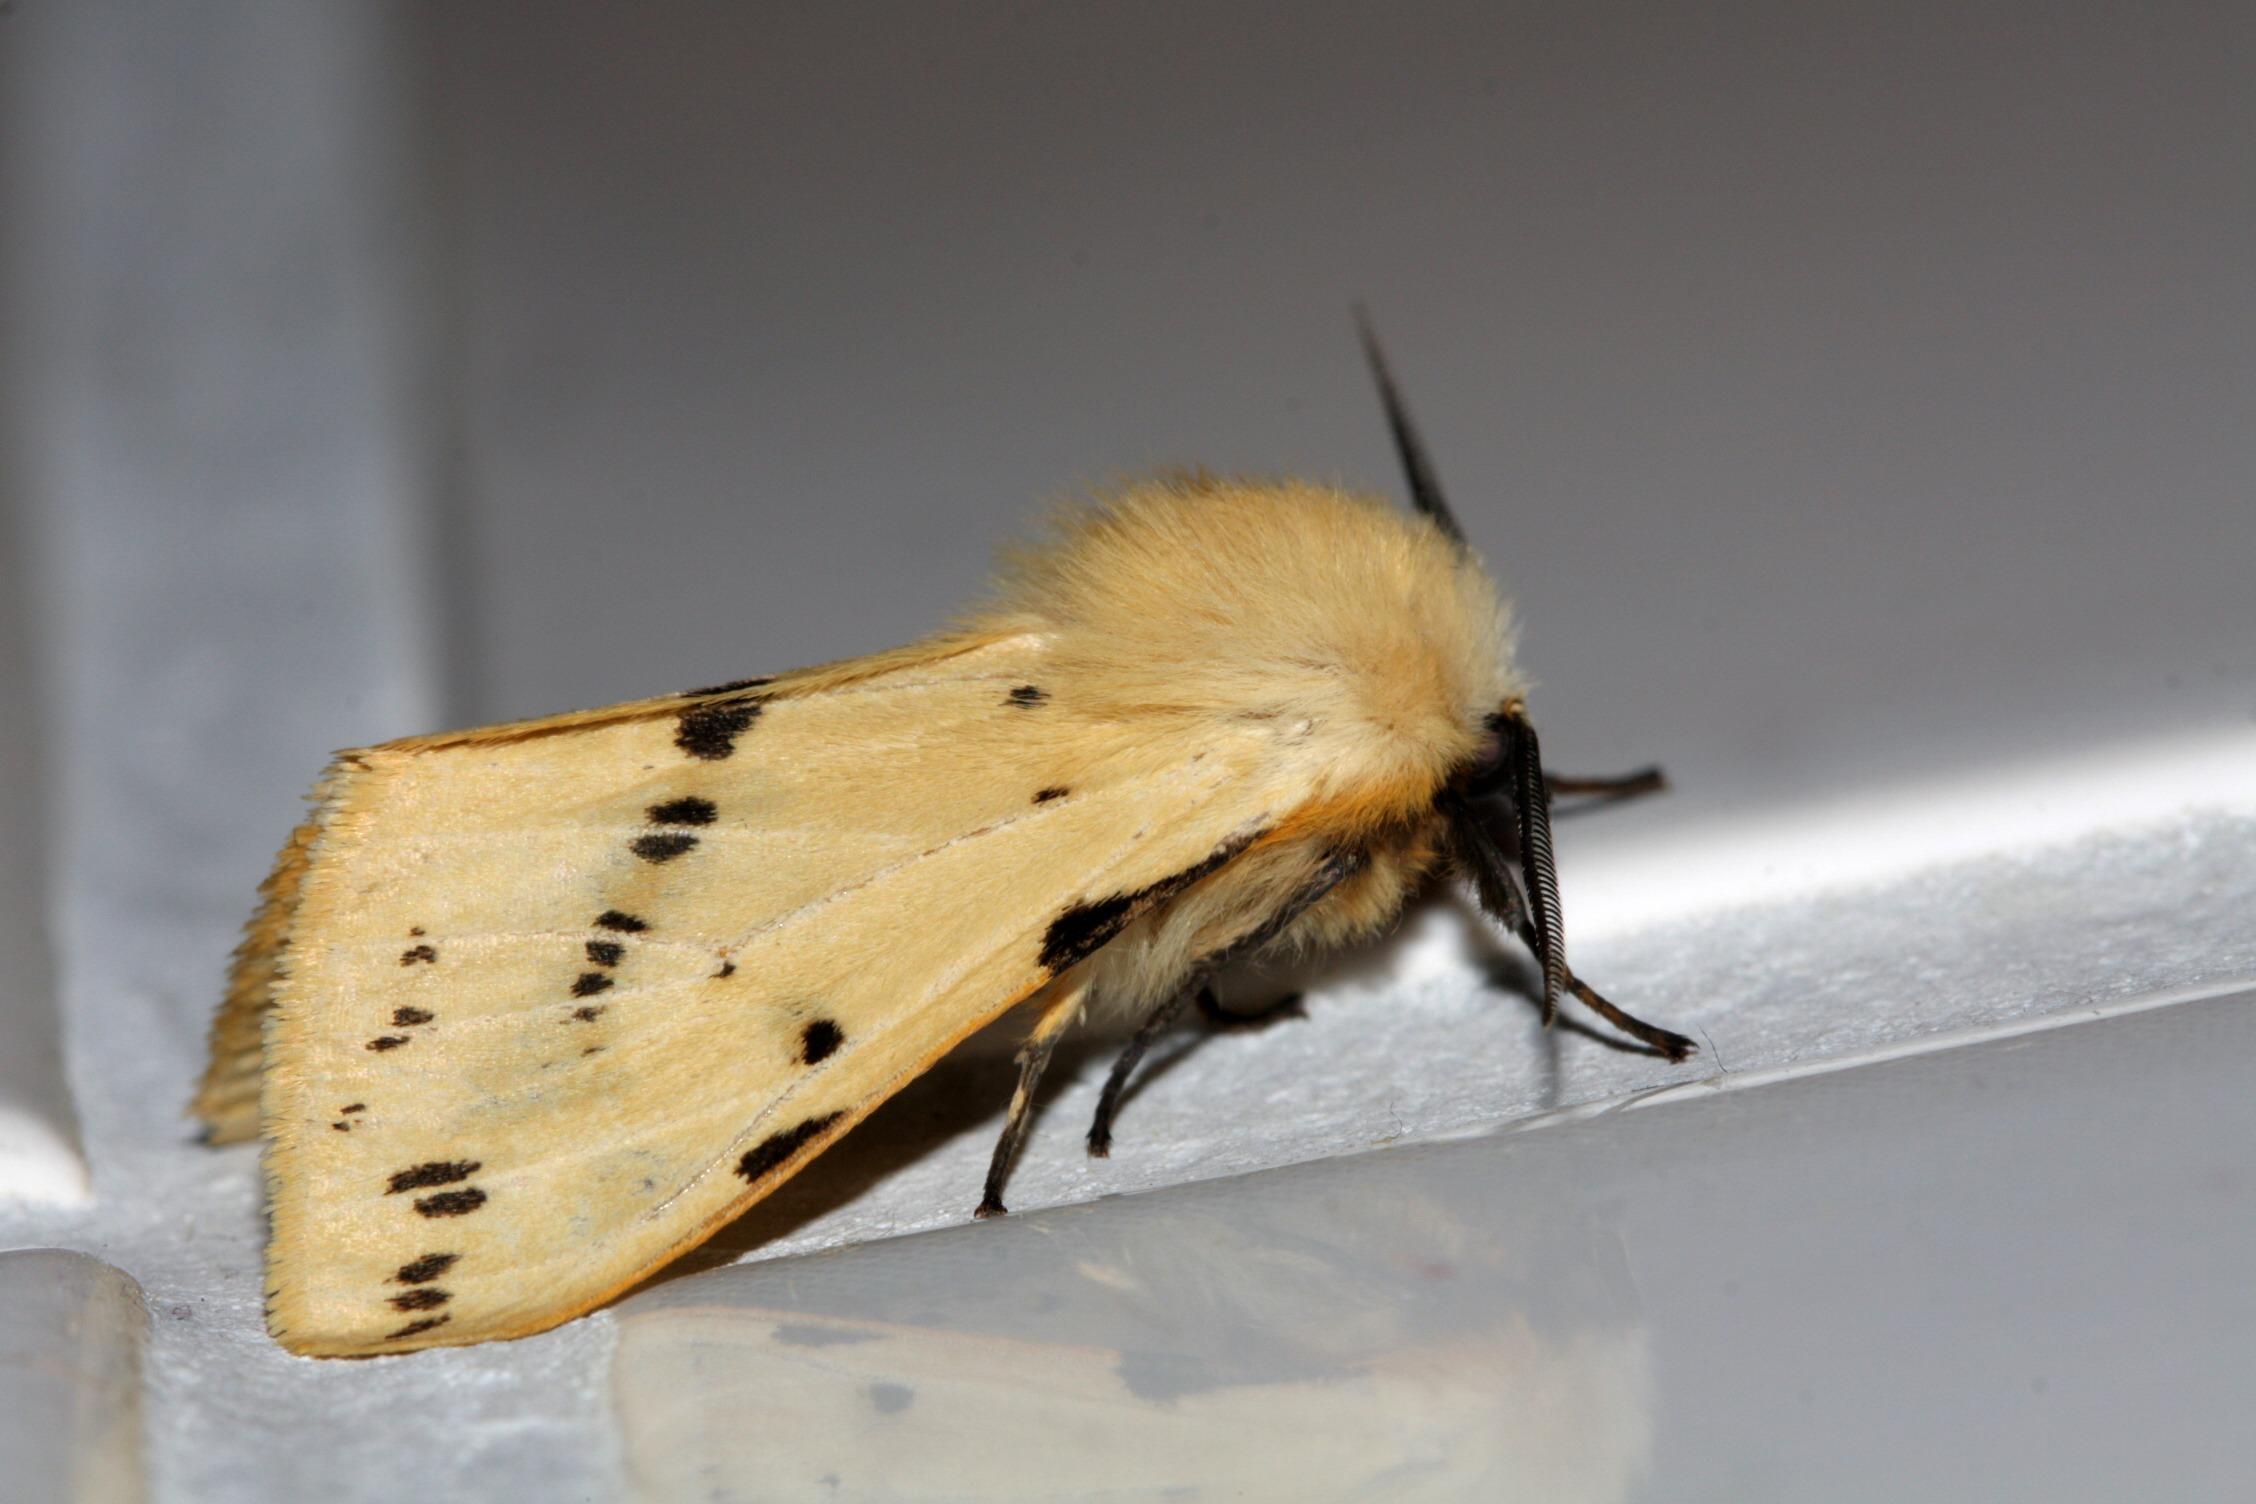 Fotos Gratis Ala Insecto Marr N Polilla Mariposa Fauna  ~ Como Son Las Polillas De La Madera